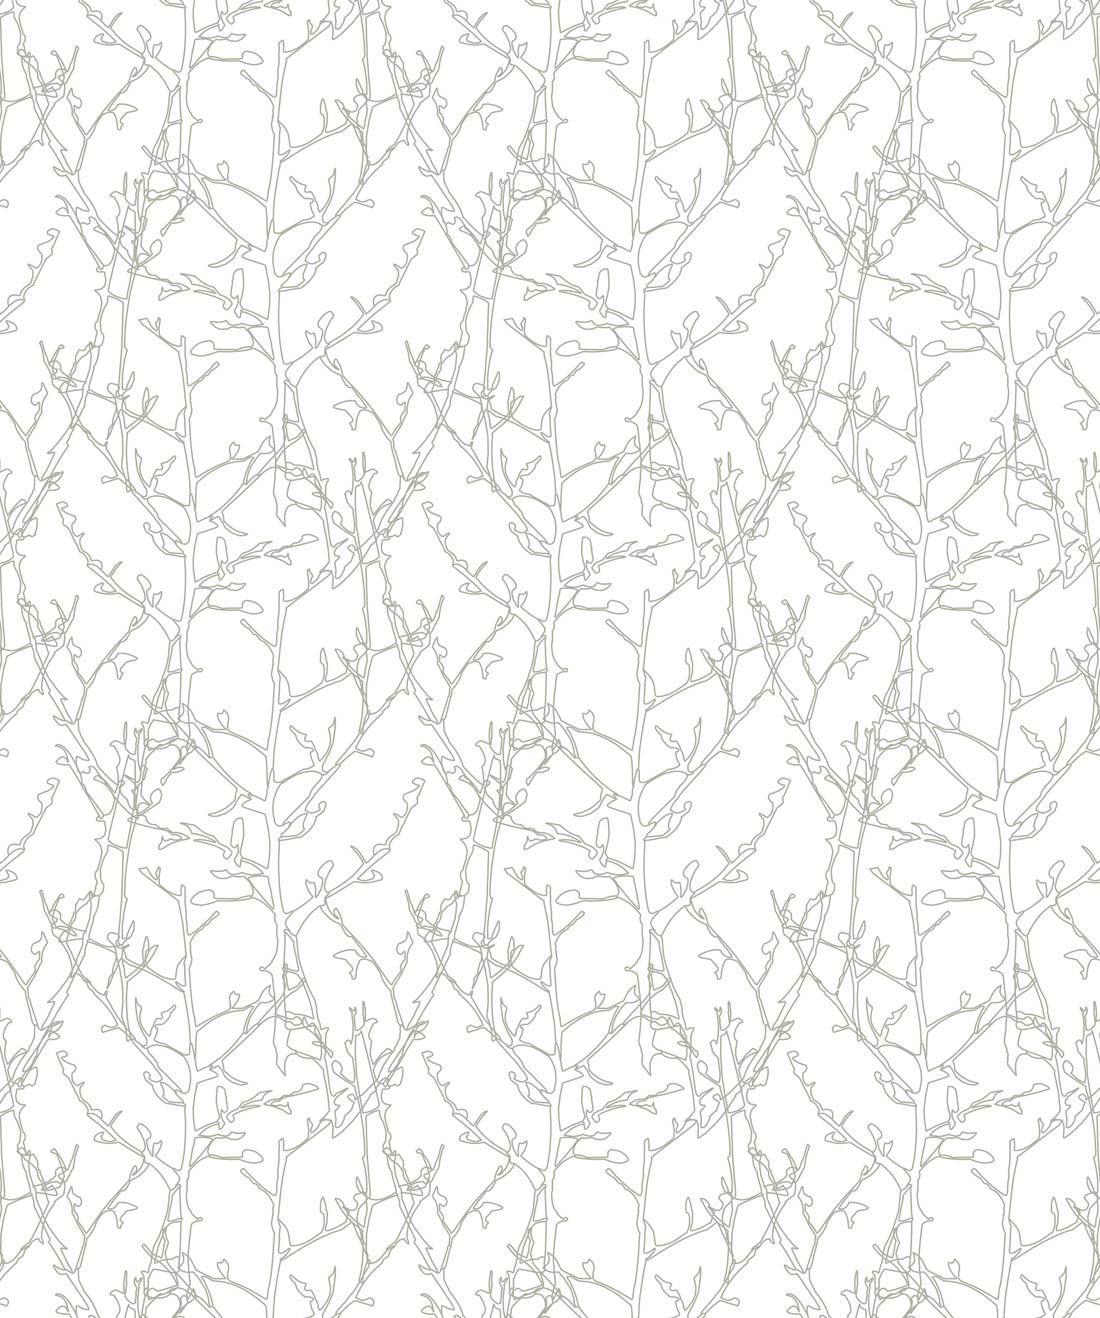 Twigs Wallpaper